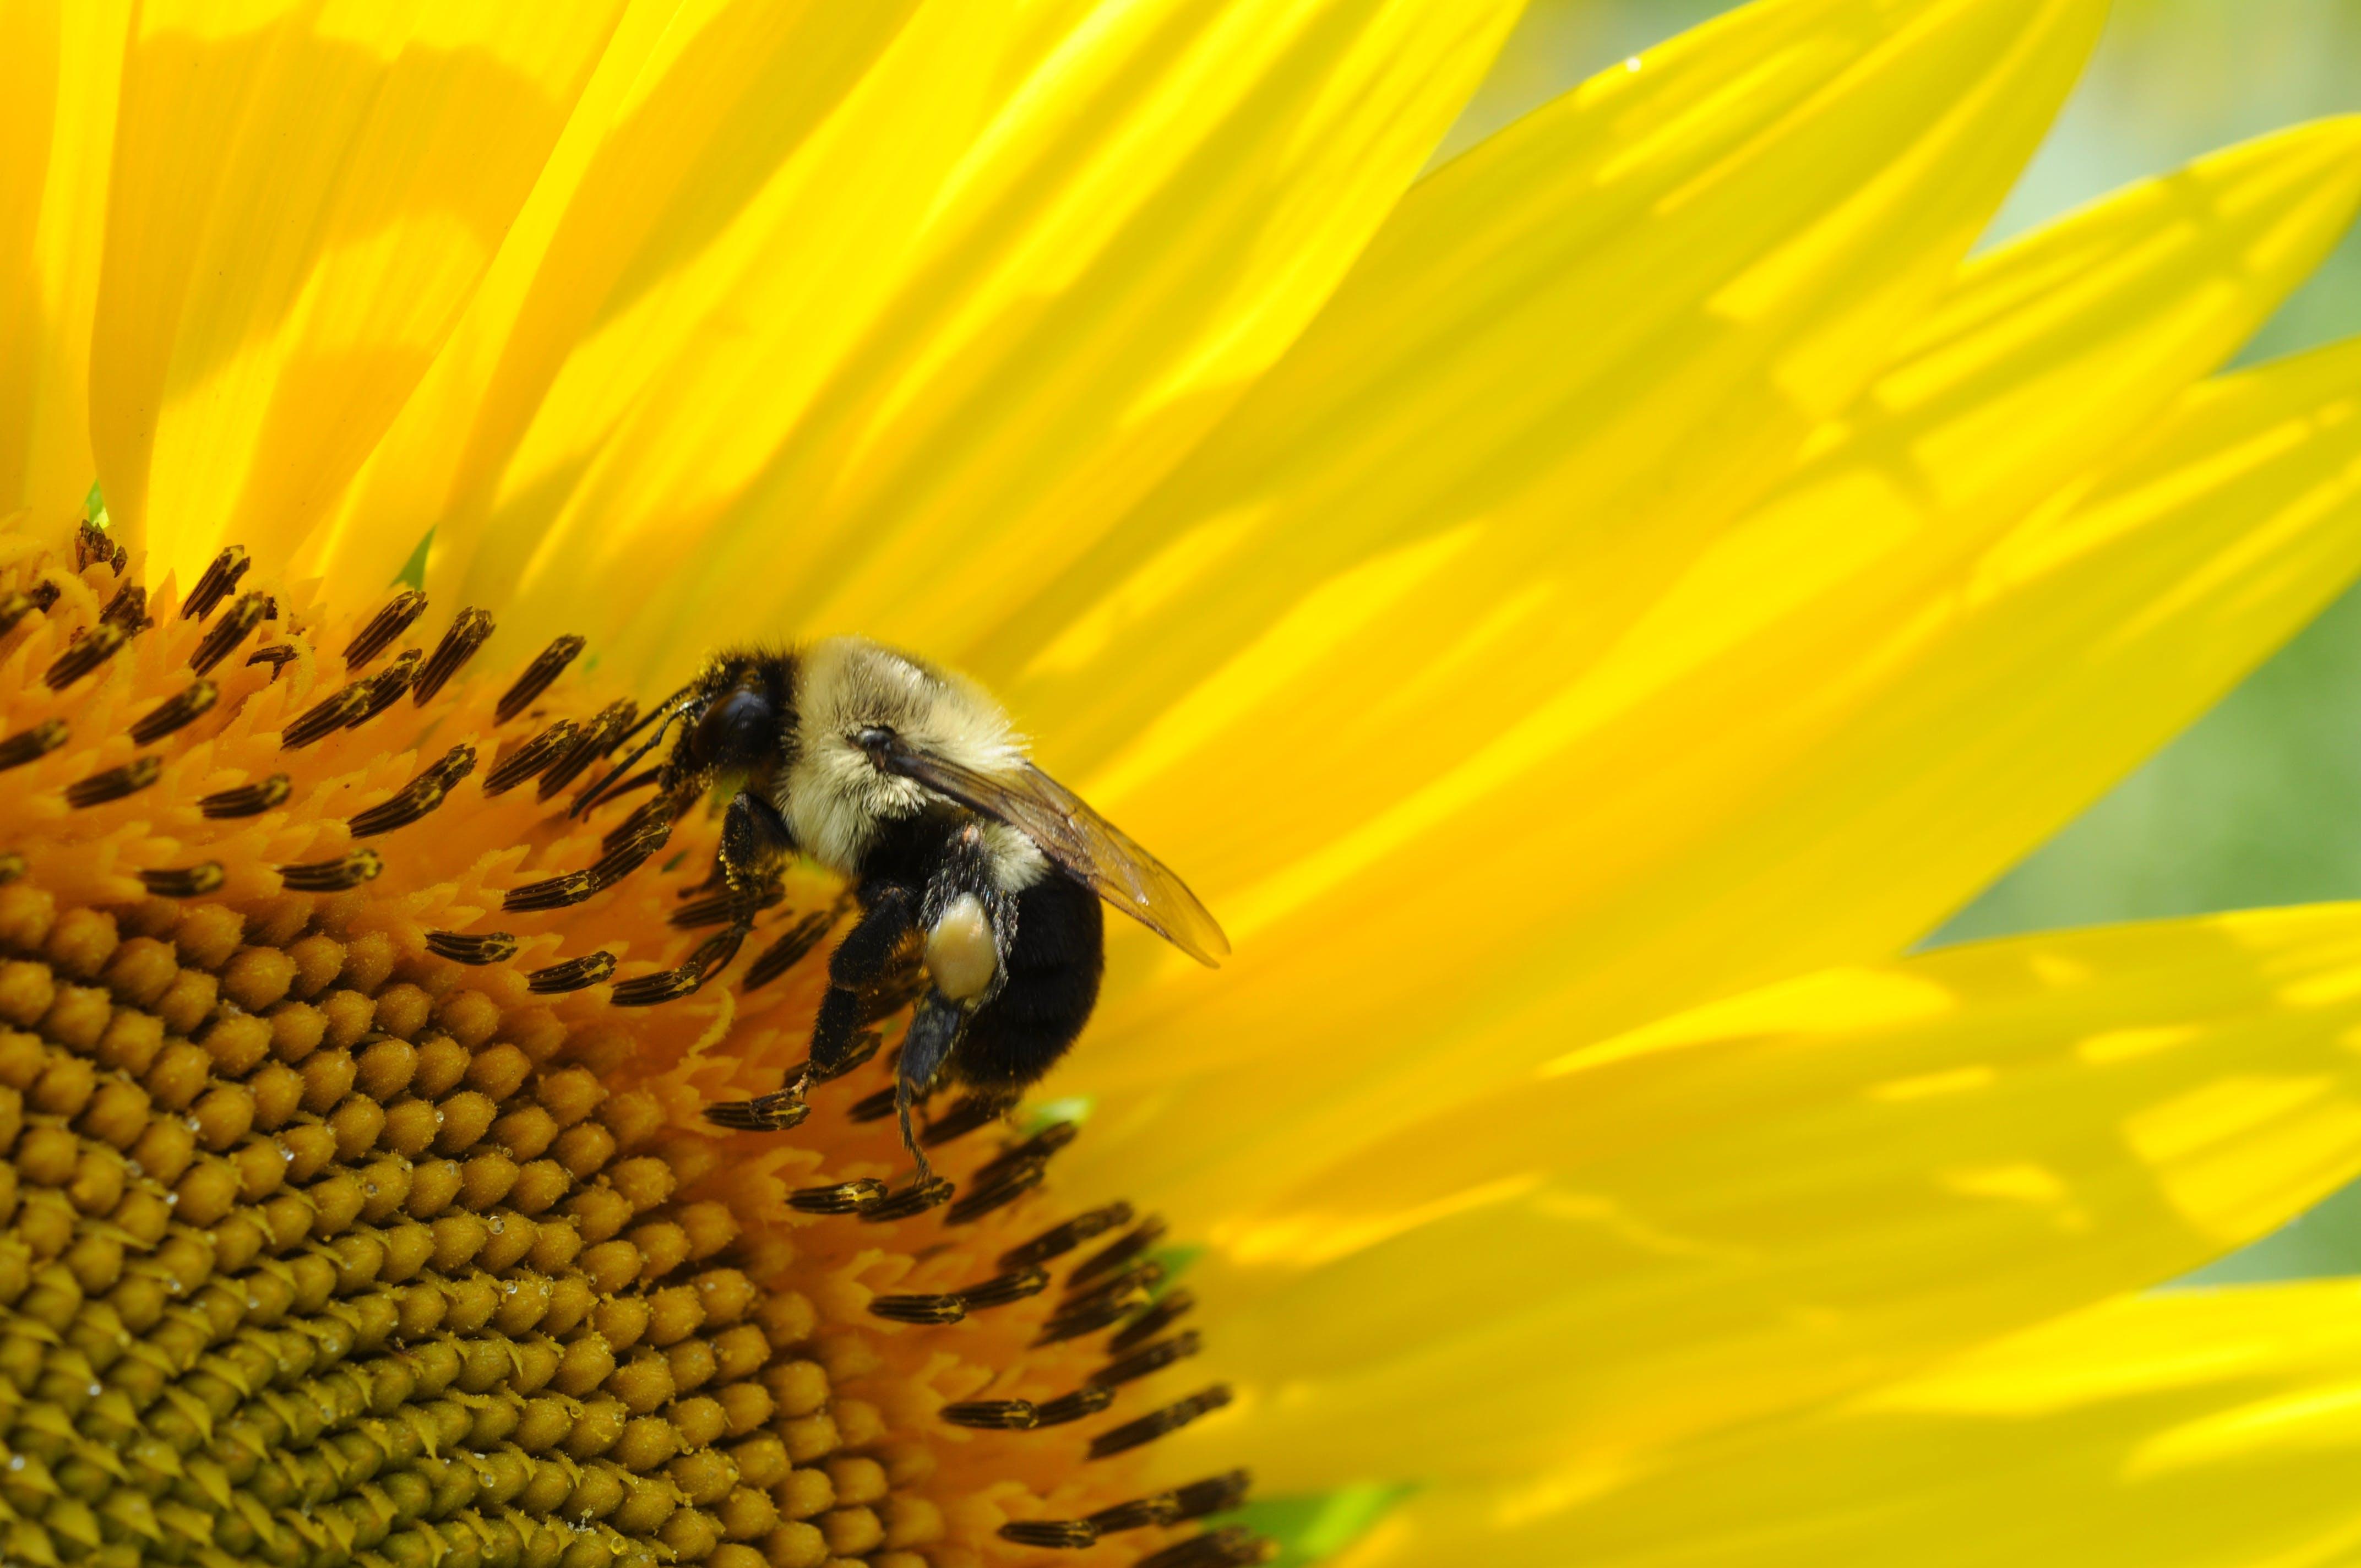 動物, 向日葵, 增長, 夏天 的 免費圖庫相片